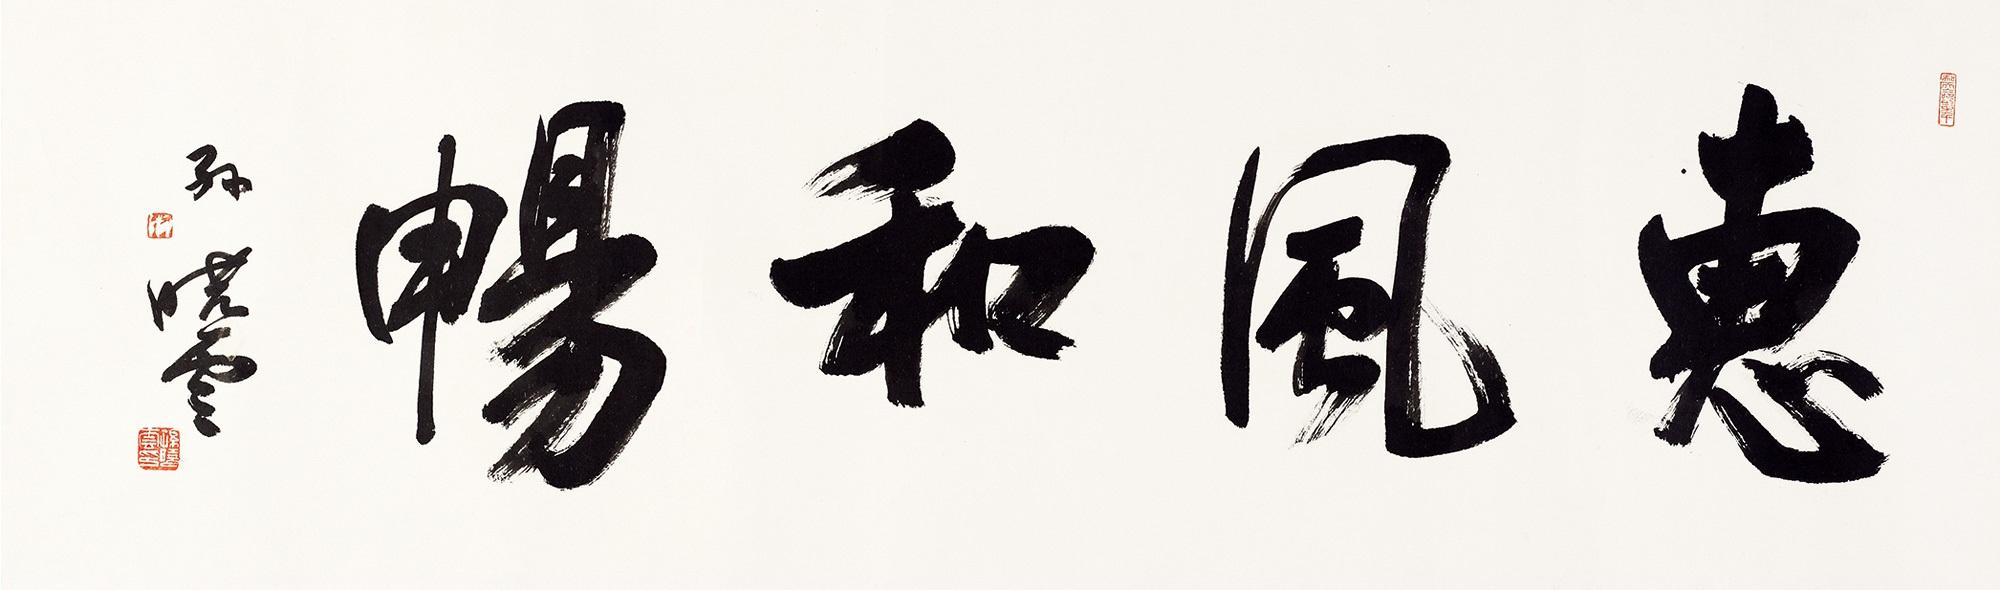 >江苏凤凰国际2015年春季艺术品拍卖会>笔墨当随时代——新金陵画派